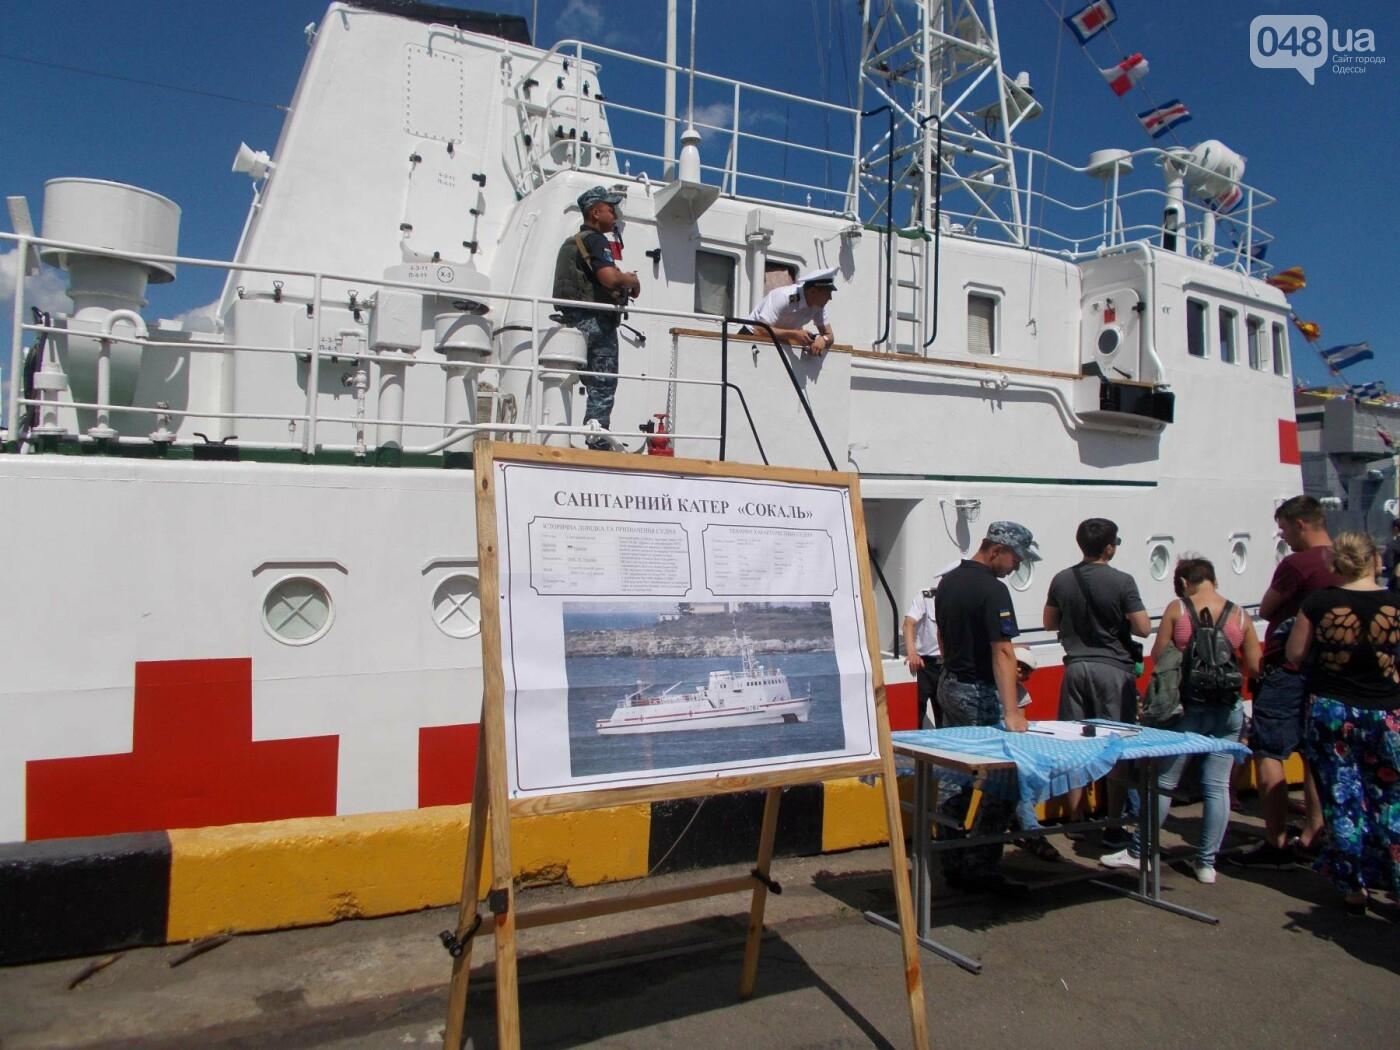 День Военно-морских сил Украины отпраздновали на Одесском морвокзале, - ФОТО , фото-28